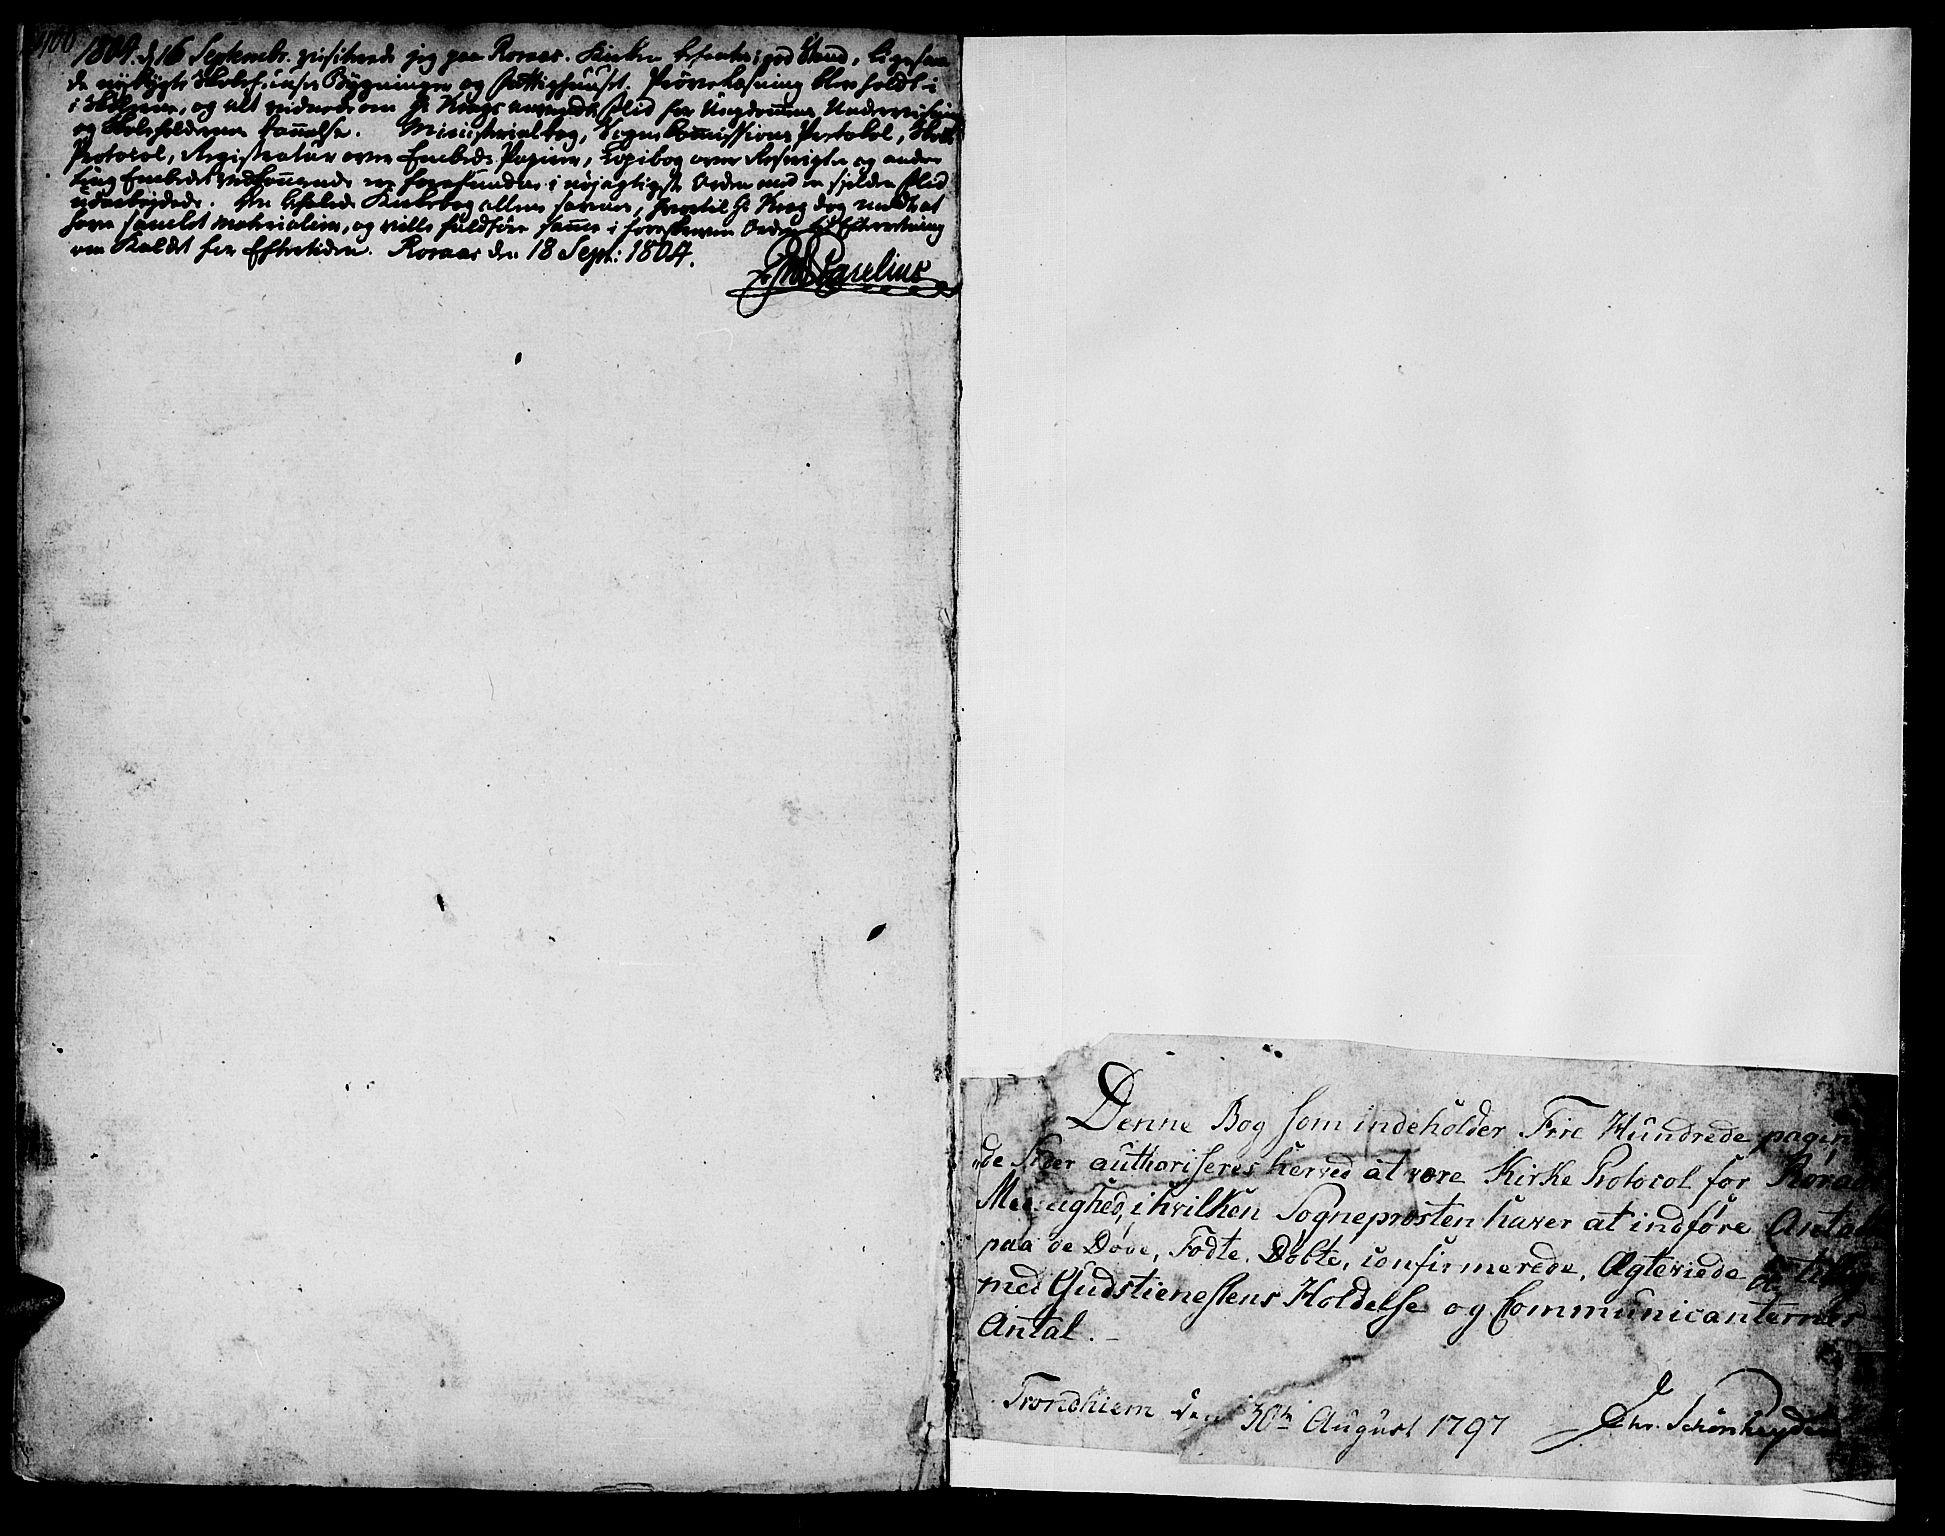 SAT, Ministerialprotokoller, klokkerbøker og fødselsregistre - Sør-Trøndelag, 681/L0927: Ministerialbok nr. 681A05, 1798-1808, s. 400-401